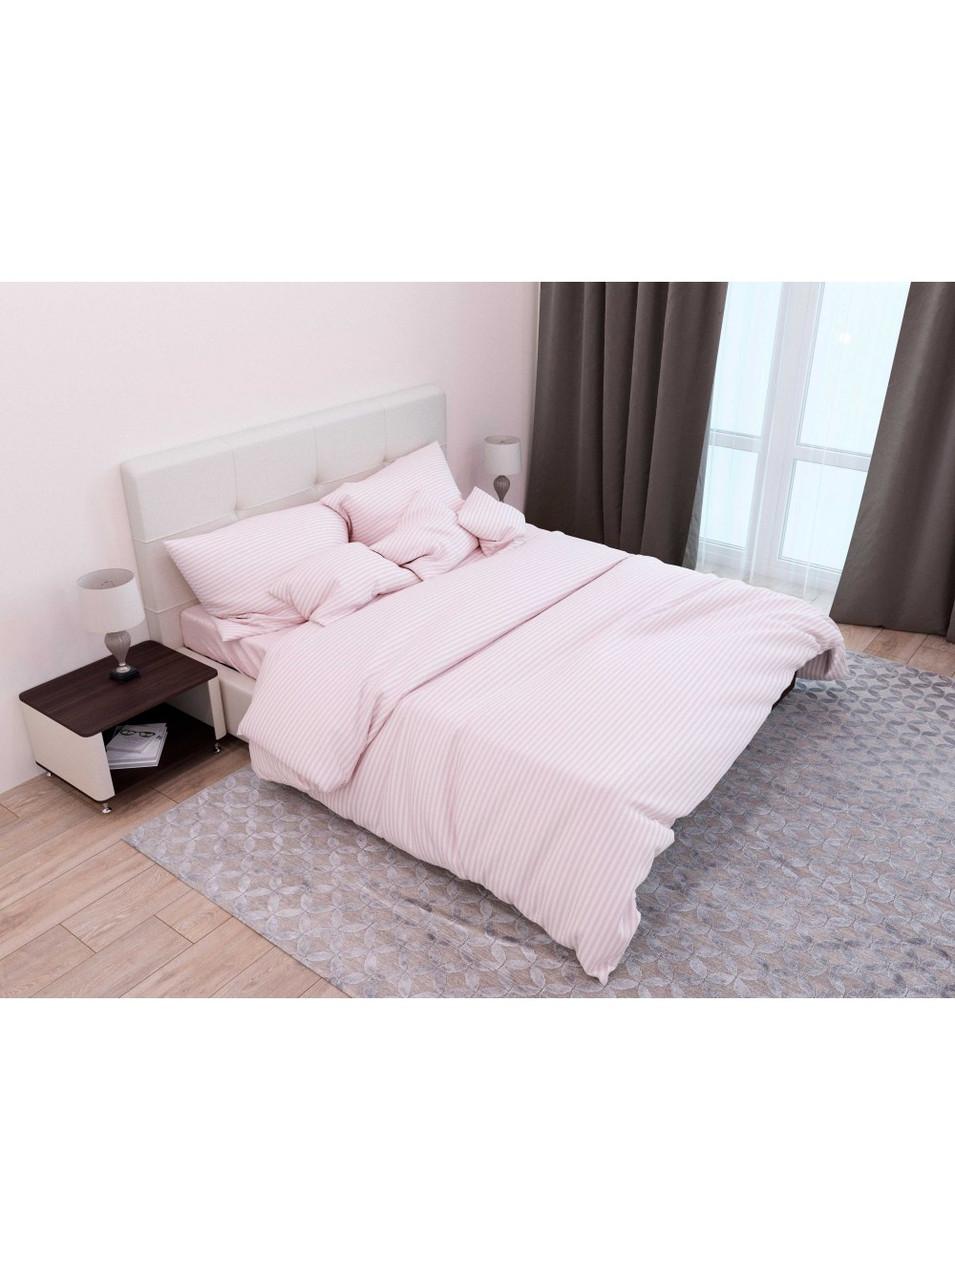 Комплект постельного белья страйп-сатин Пудра